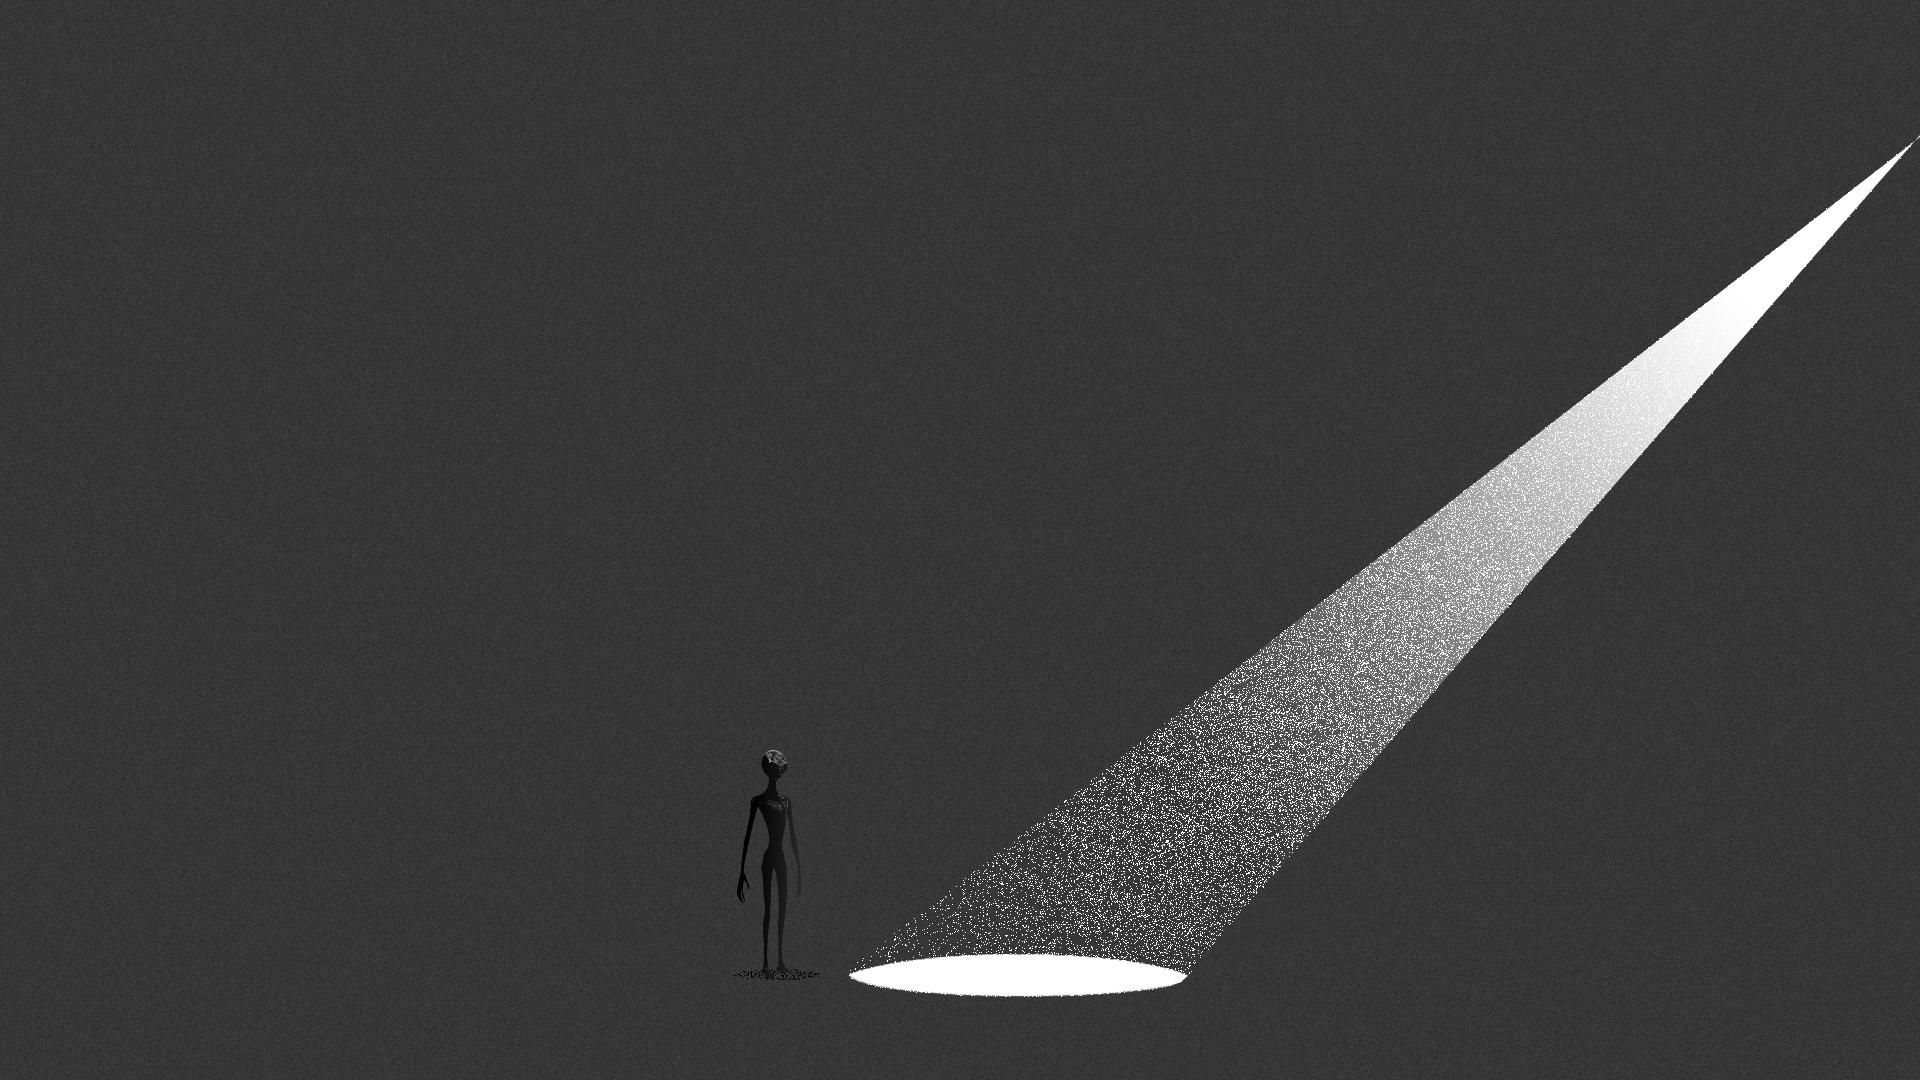 Alien under spotlight